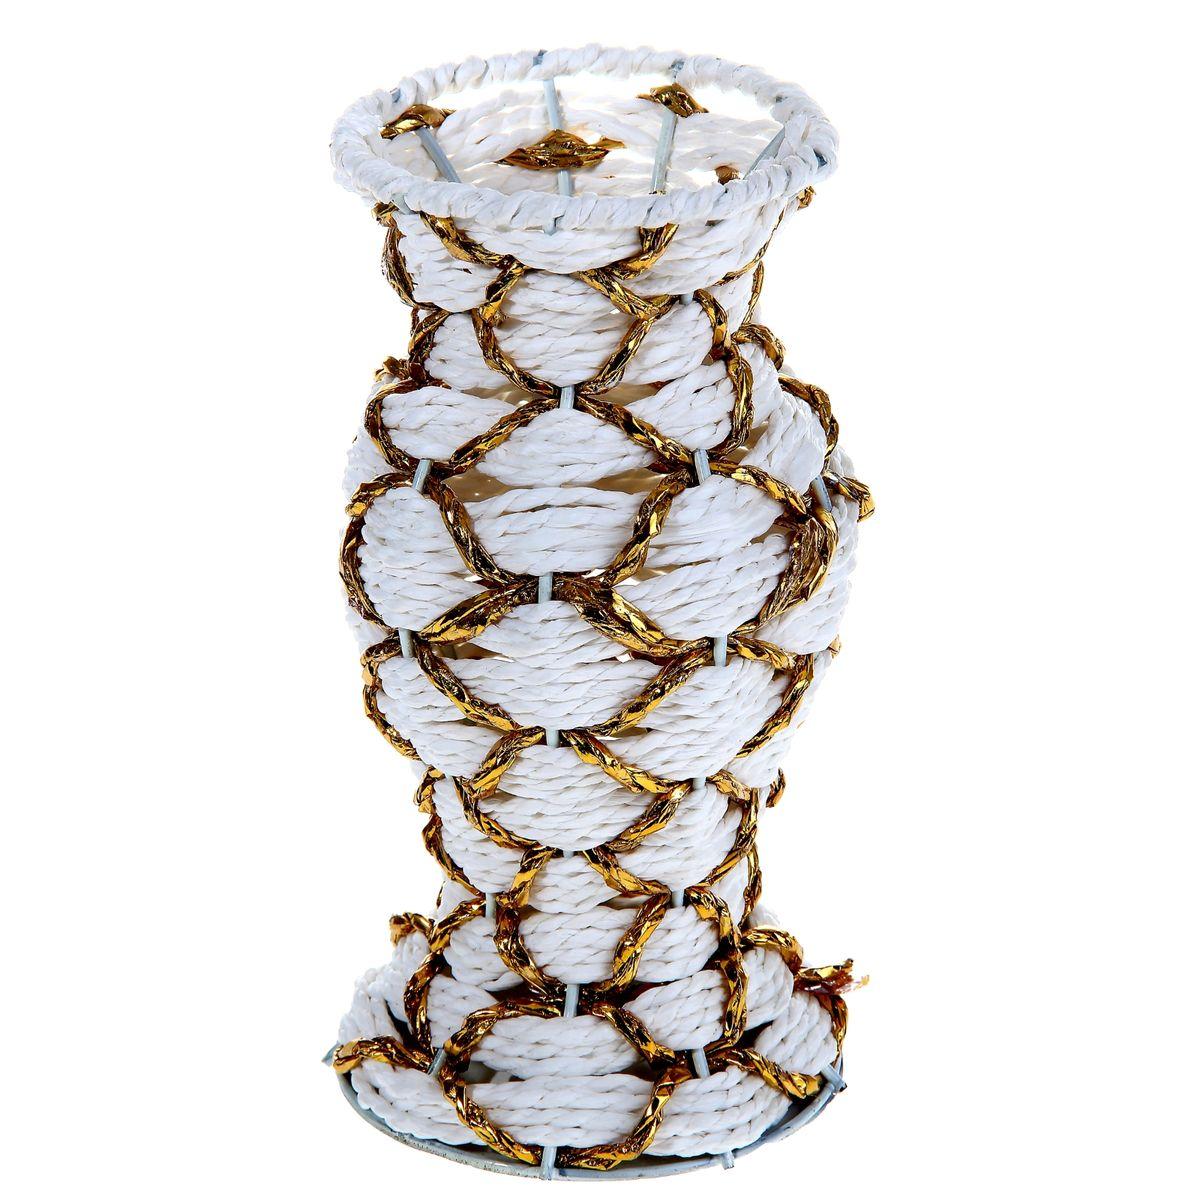 Ваза плетеная Sima-land Соты, высота 19,5 см915889Ваза Sima-land Соты выполнена из металла и дополнена оригинальным плетением. Изделие имеет необычную форму. Ваза предназначена для сухих или искусственных цветов и растений. Красивый блеск и яркое оформление сделают эту вазу замечательным украшением интерьера. Любое помещение выглядит незавершенным без правильно расположенных предметов интерьера. Они помогают создать уют, расставить акценты, подчеркнуть достоинства или скрыть недостатки.Диаметр по верхнему краю: 9,5 см.